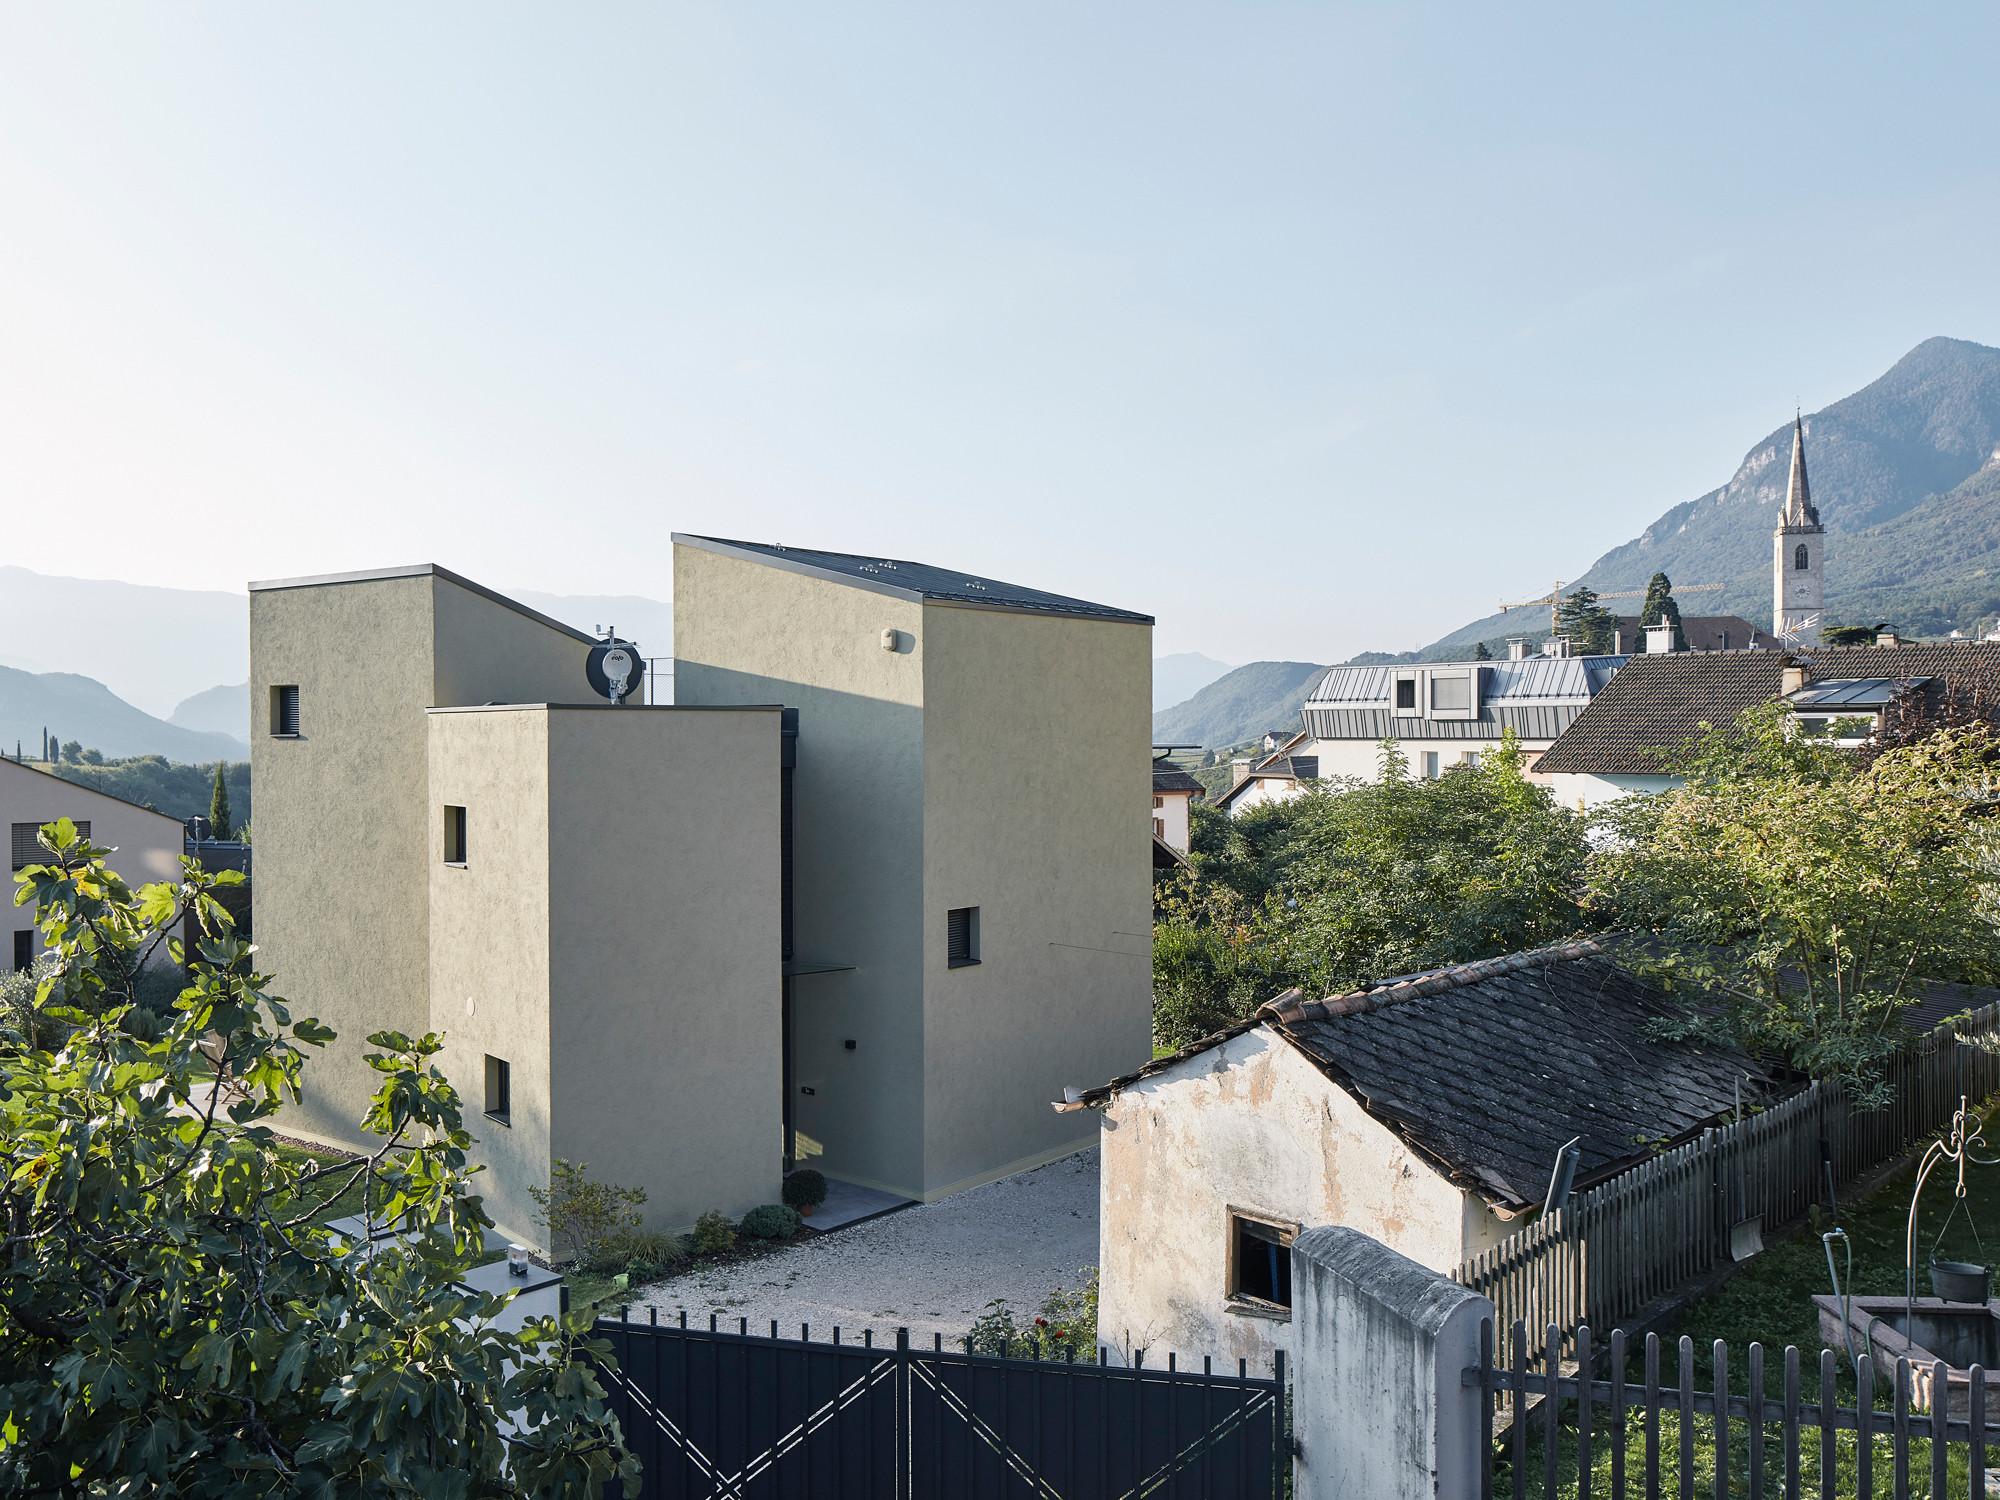 Haus D in Kaltern | Dämmstoffe | Wohnen | Baunetz_Wissen